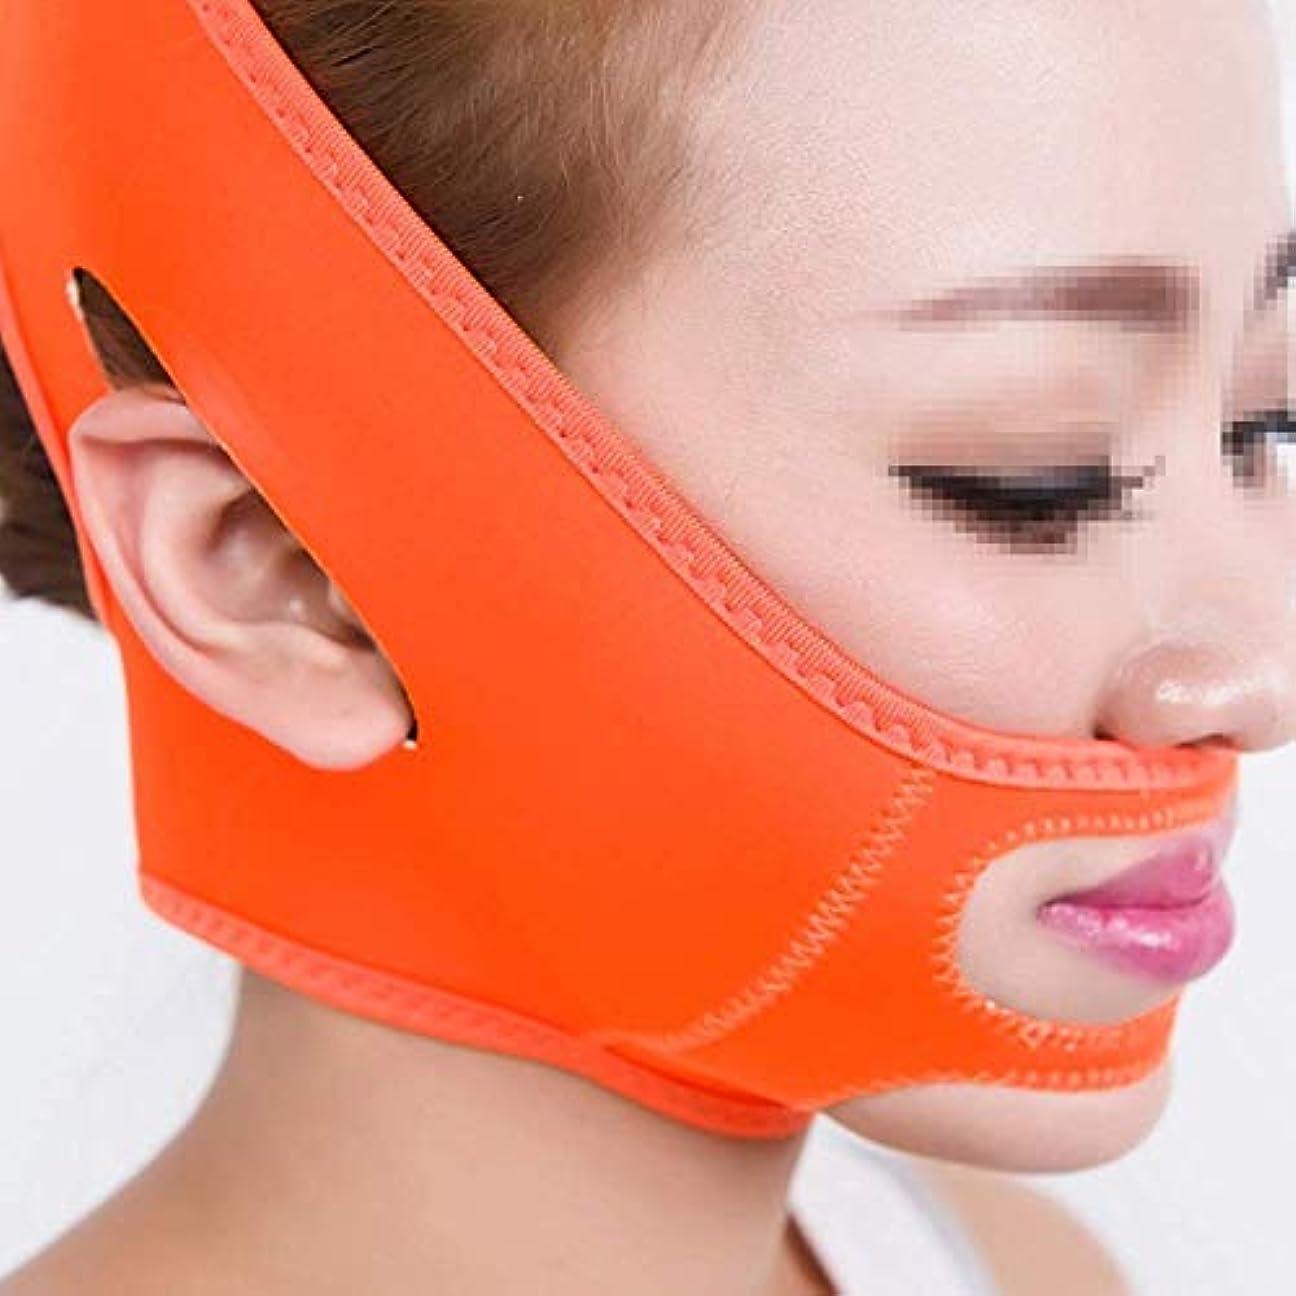 広げるピル写真美しさと実用的な薄型フェイスベルト、Vフェイス、スリープマスク包帯、引き締めフェイス、ダブルチンフェイスマスク、マルチカラーオプション(色:オレンジ)